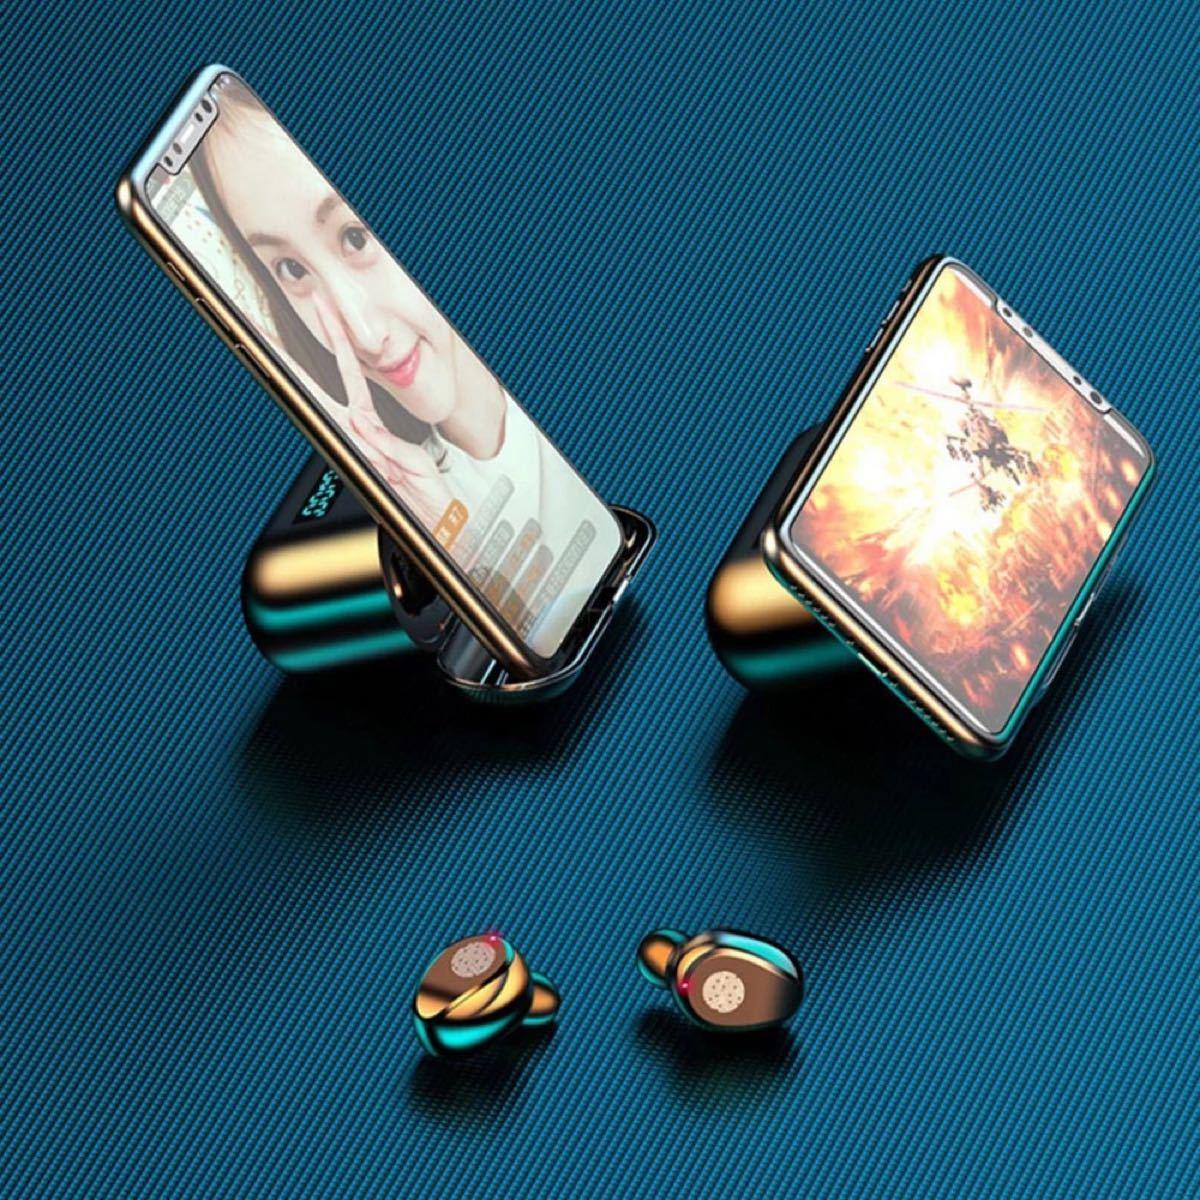 完全ワイヤレスイヤホン ワイヤレスイヤホン Bluetooth5.0 高音質 Bluetooth 完全ワイヤレス 自動 ペアリング